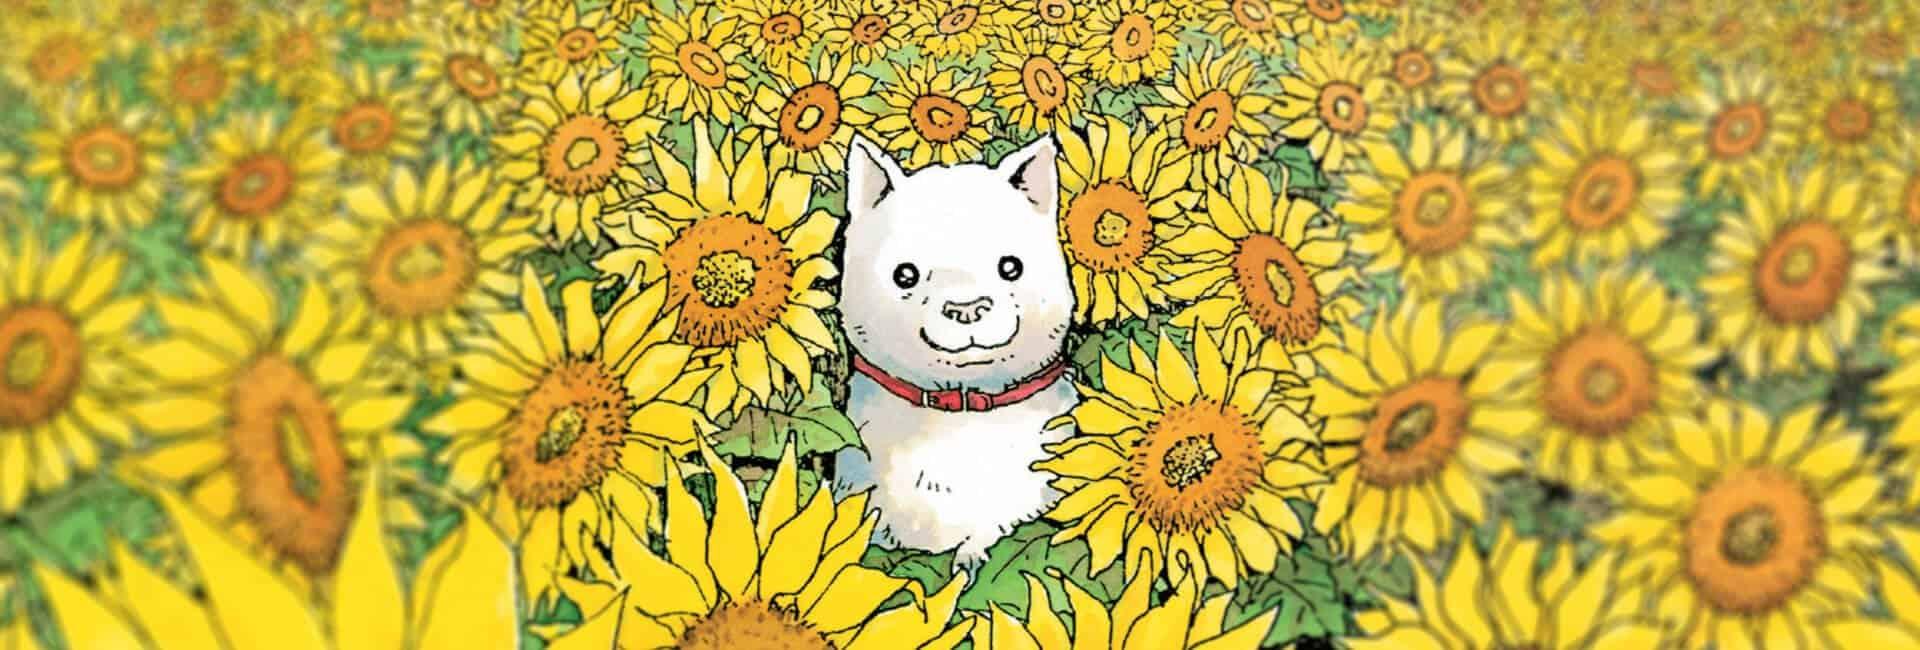 o cão protagonista da obra 'o cão que guarda as estrelas' no meio de uma plantação de gira-sóis